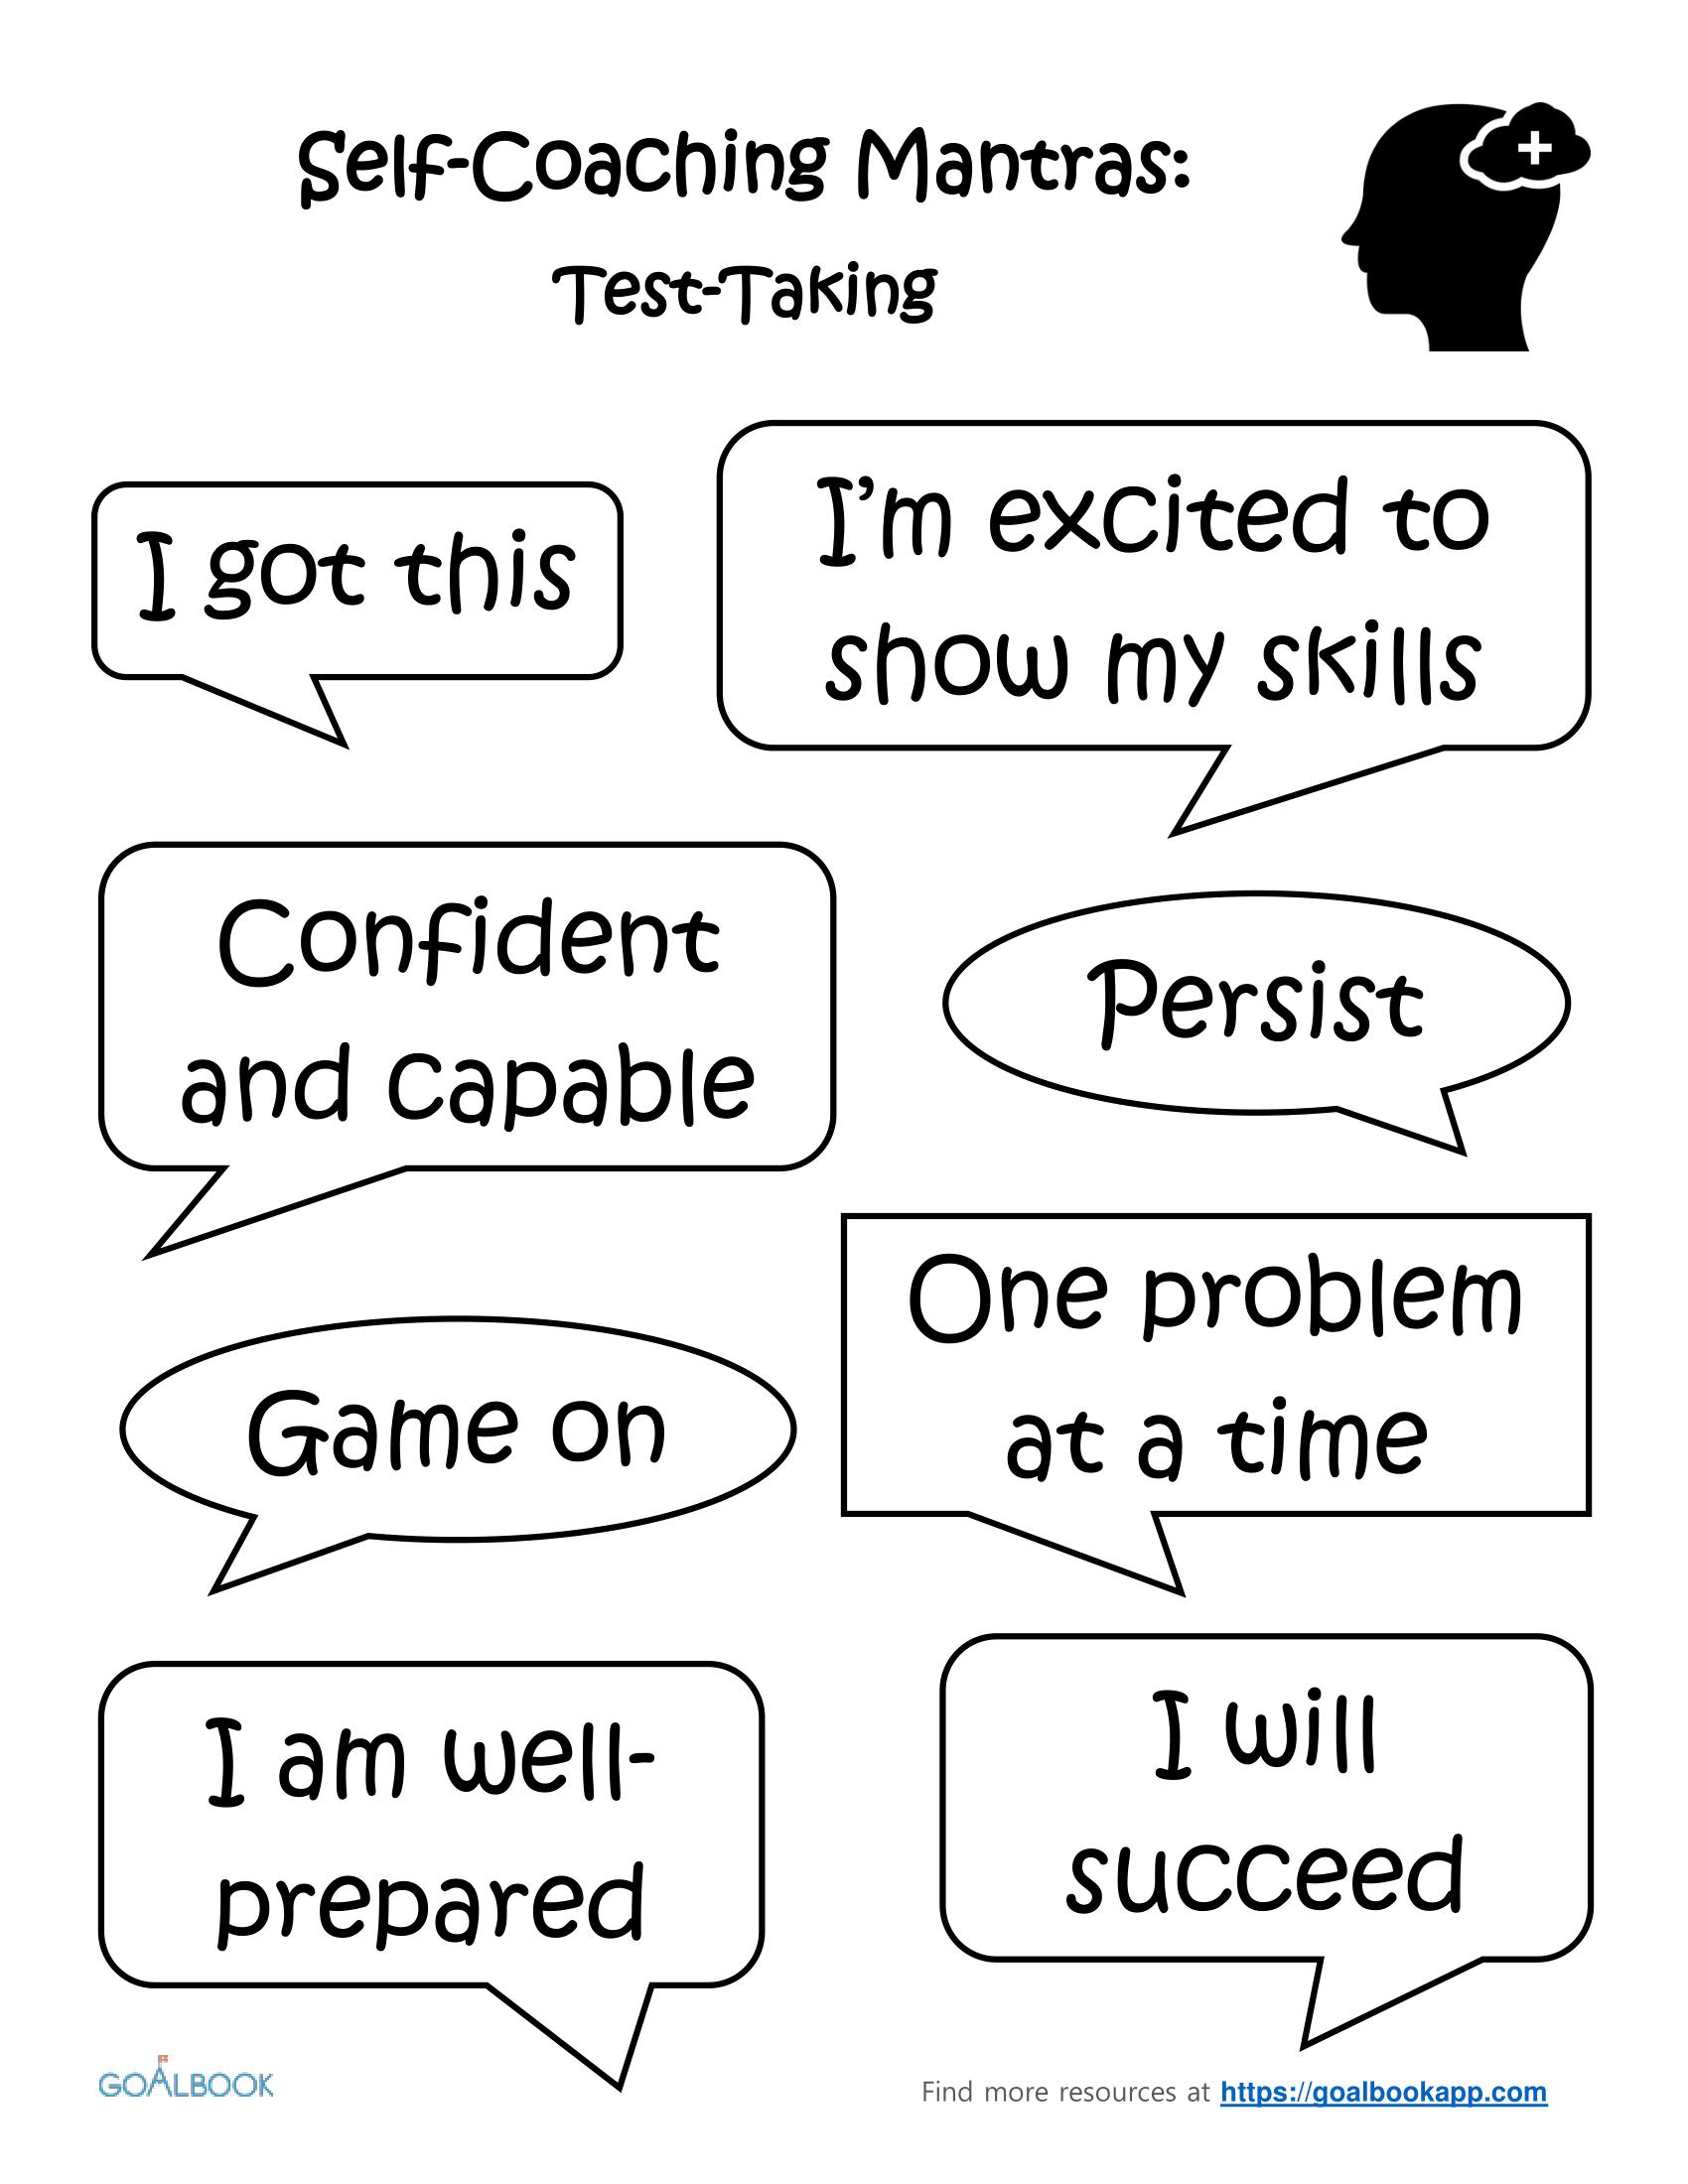 Test-Taking: Self-Coaching Mantras